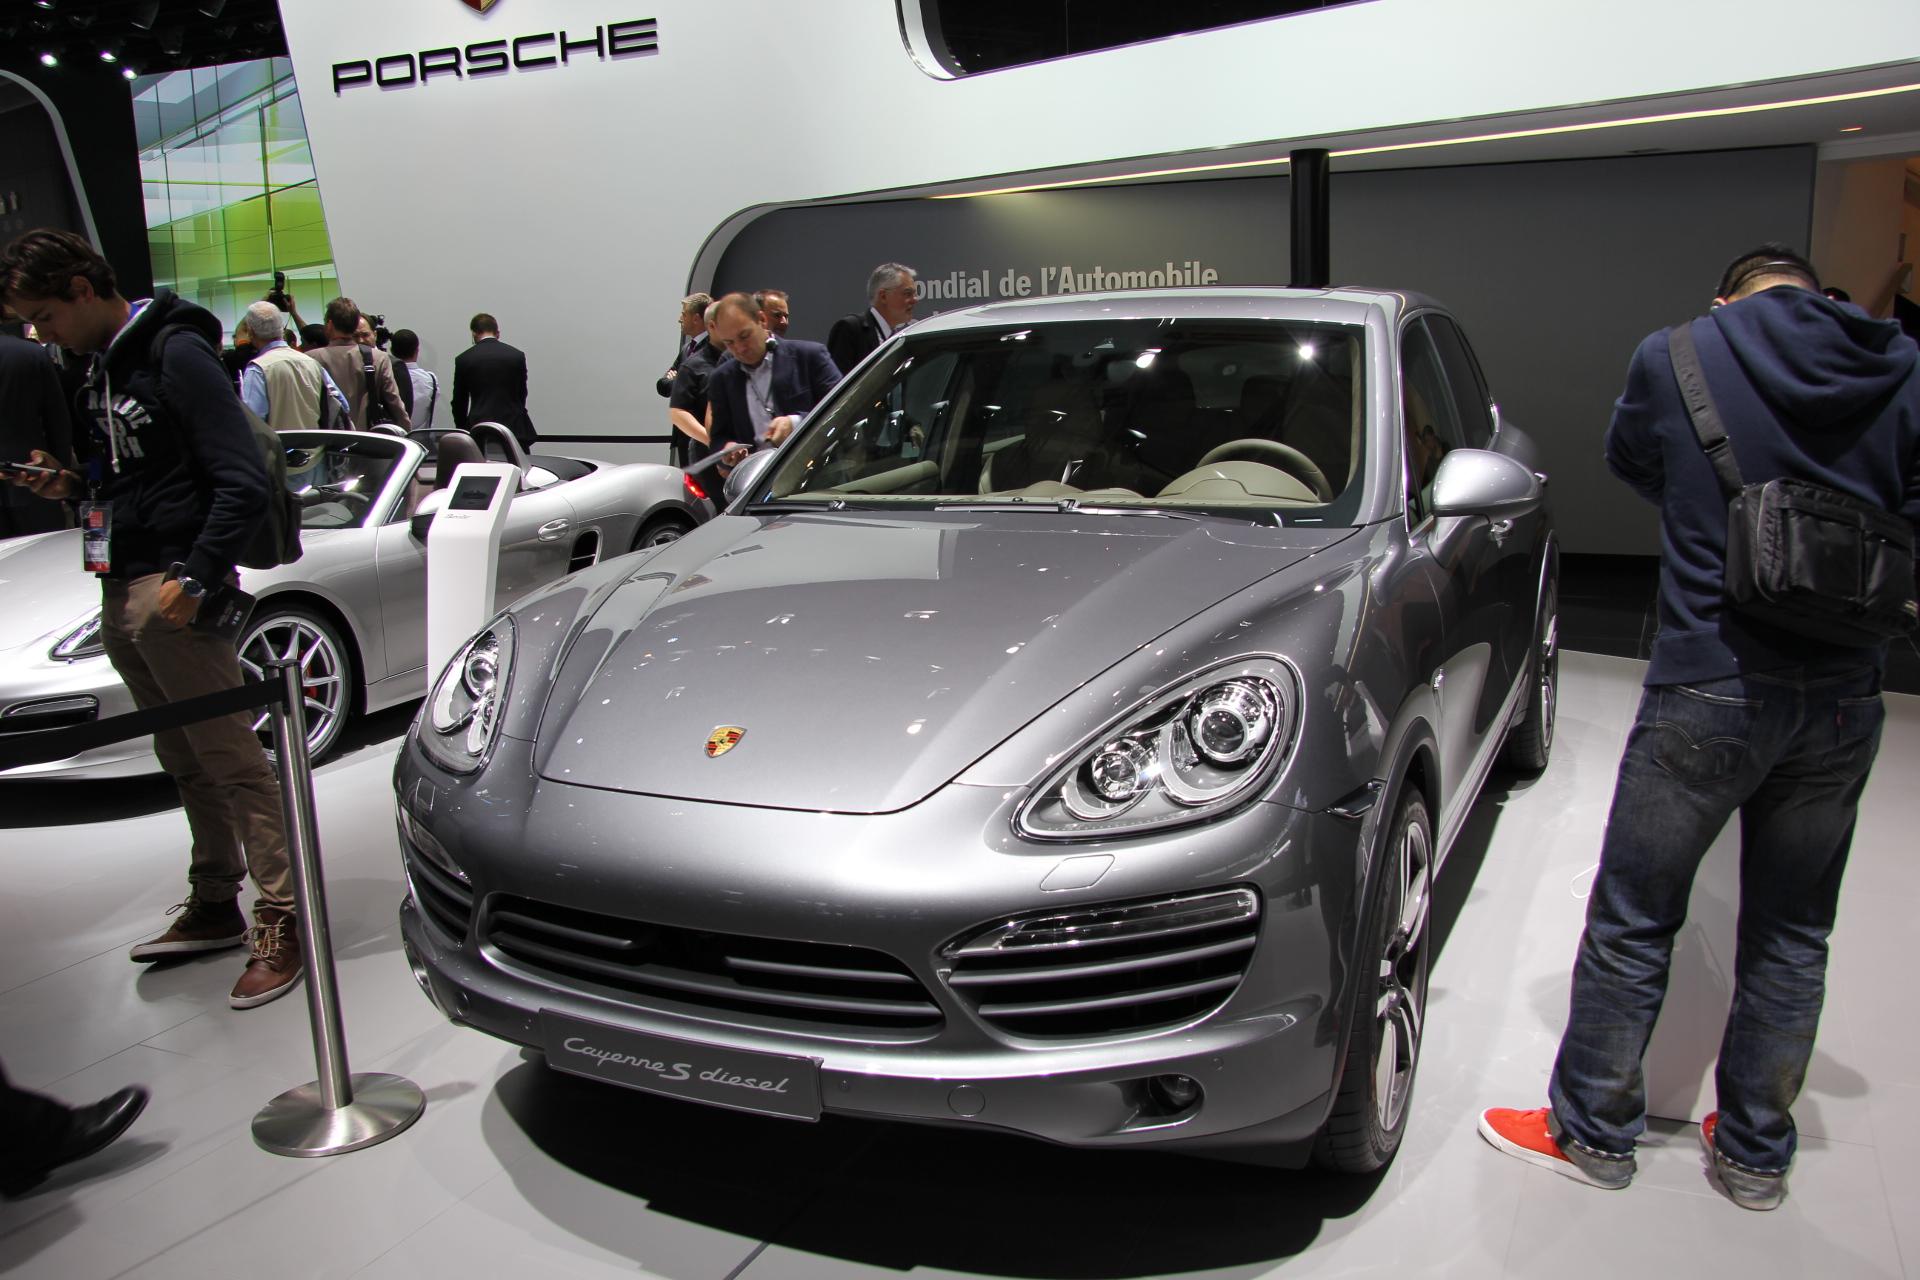 http://images.caradisiac.com/images/1/3/2/9/81329/S0-En-direct-du-Mondial-de-l-auto-Porsche-Cayenne-S-Diesel-le-nouveau-c-est-sous-le-capot-273379.jpg